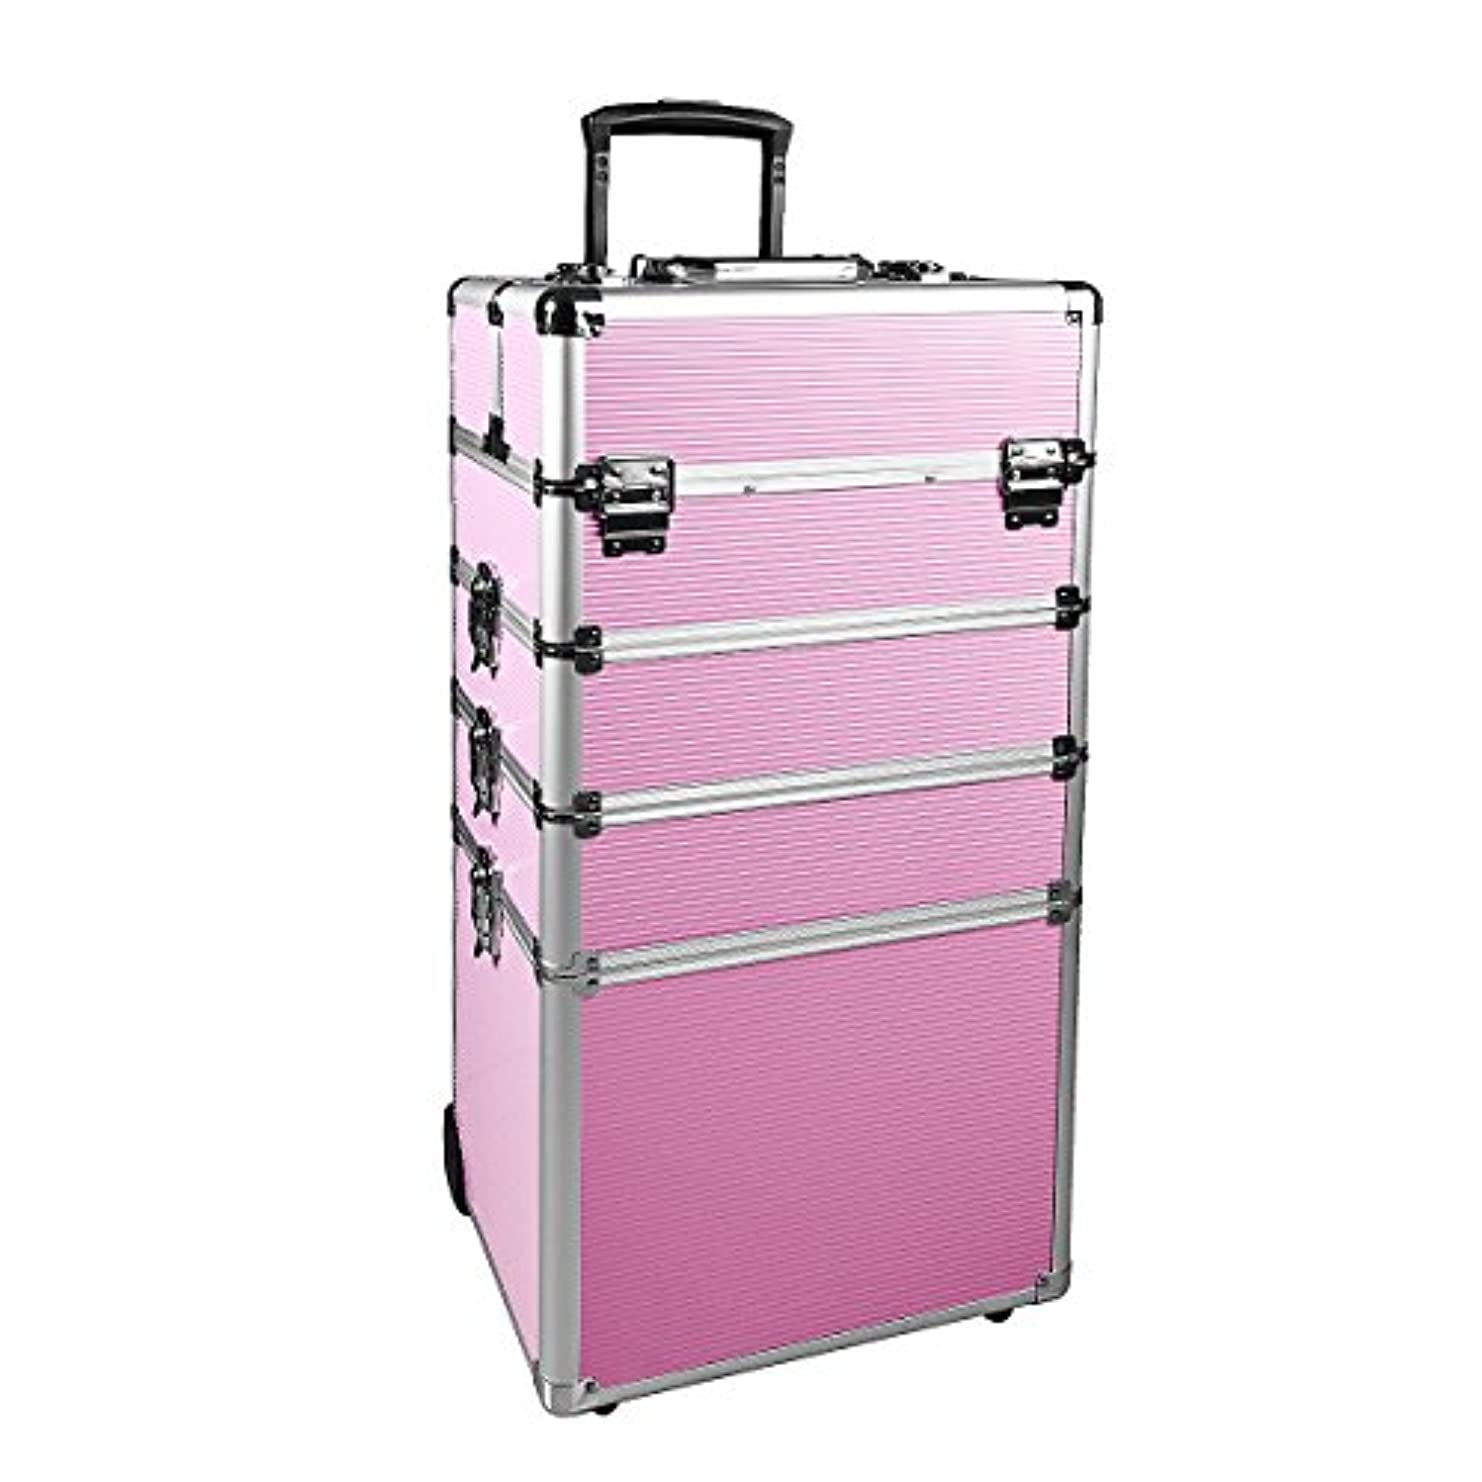 玉透ける今までNHSM 1つ プロ 化粧品ローリング主催 アルミフレームと折りたたみトレイで化粧列車 ケース4 ピンク